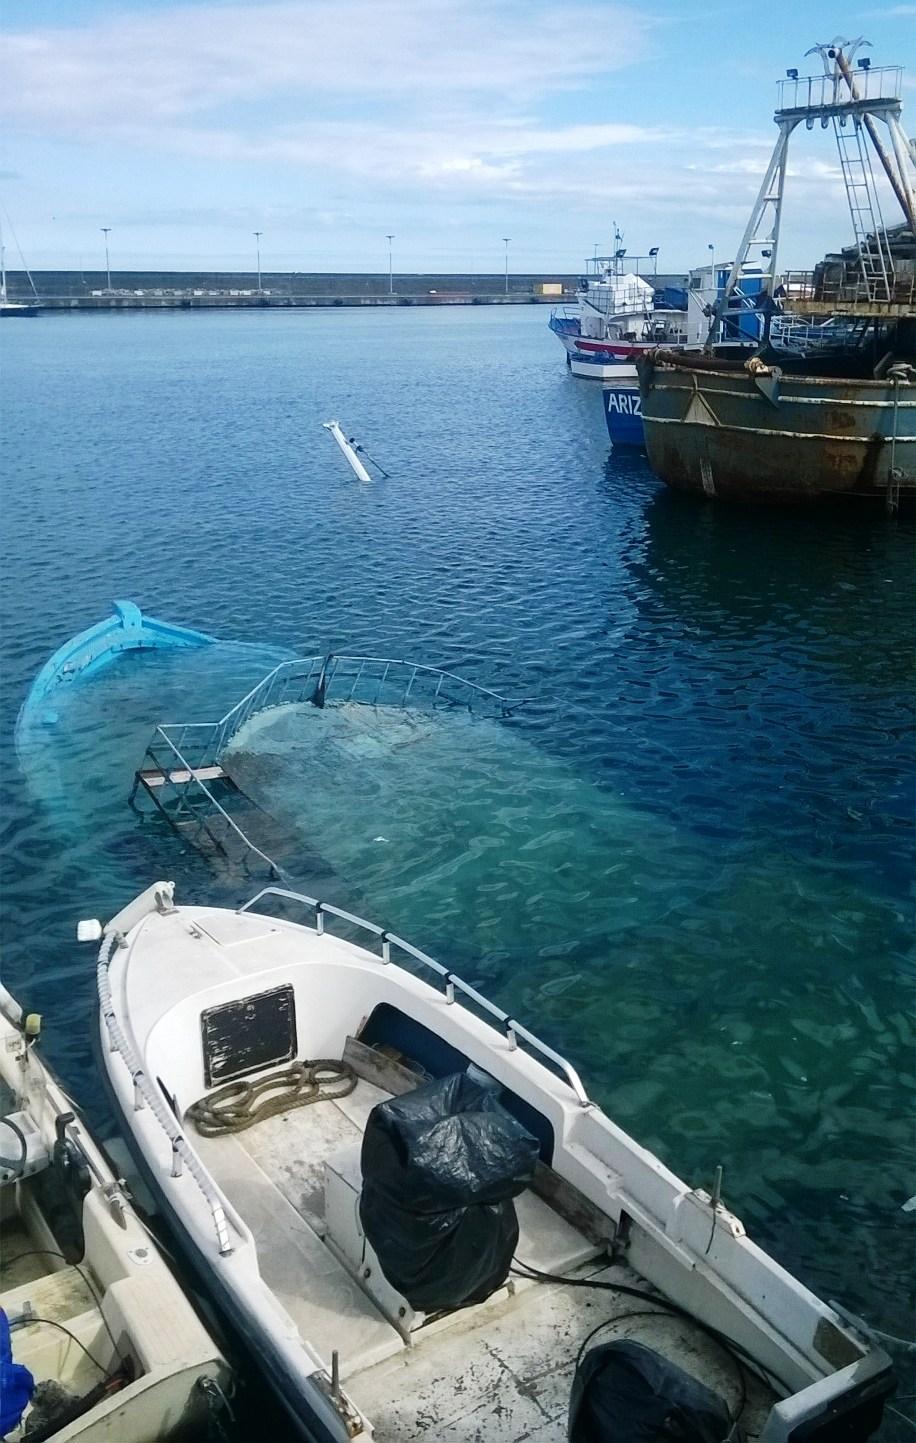 barca affondata e prua di un'altra imbarcazione